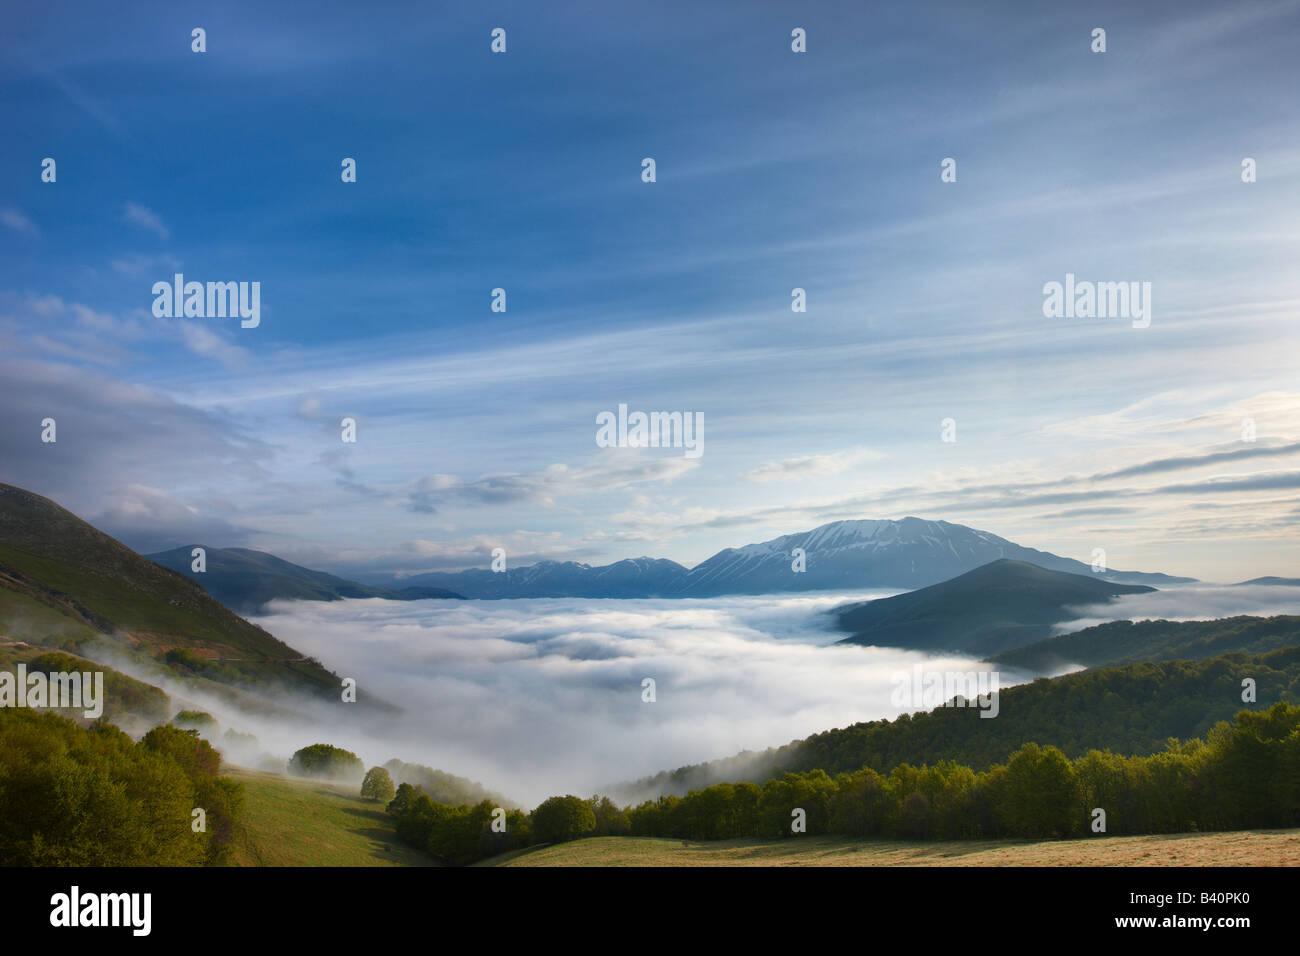 Mist tumbado en el Piano grande al amanecer con las montañas del Parque Nacional de Monti Sibillini elevándose, Imagen De Stock